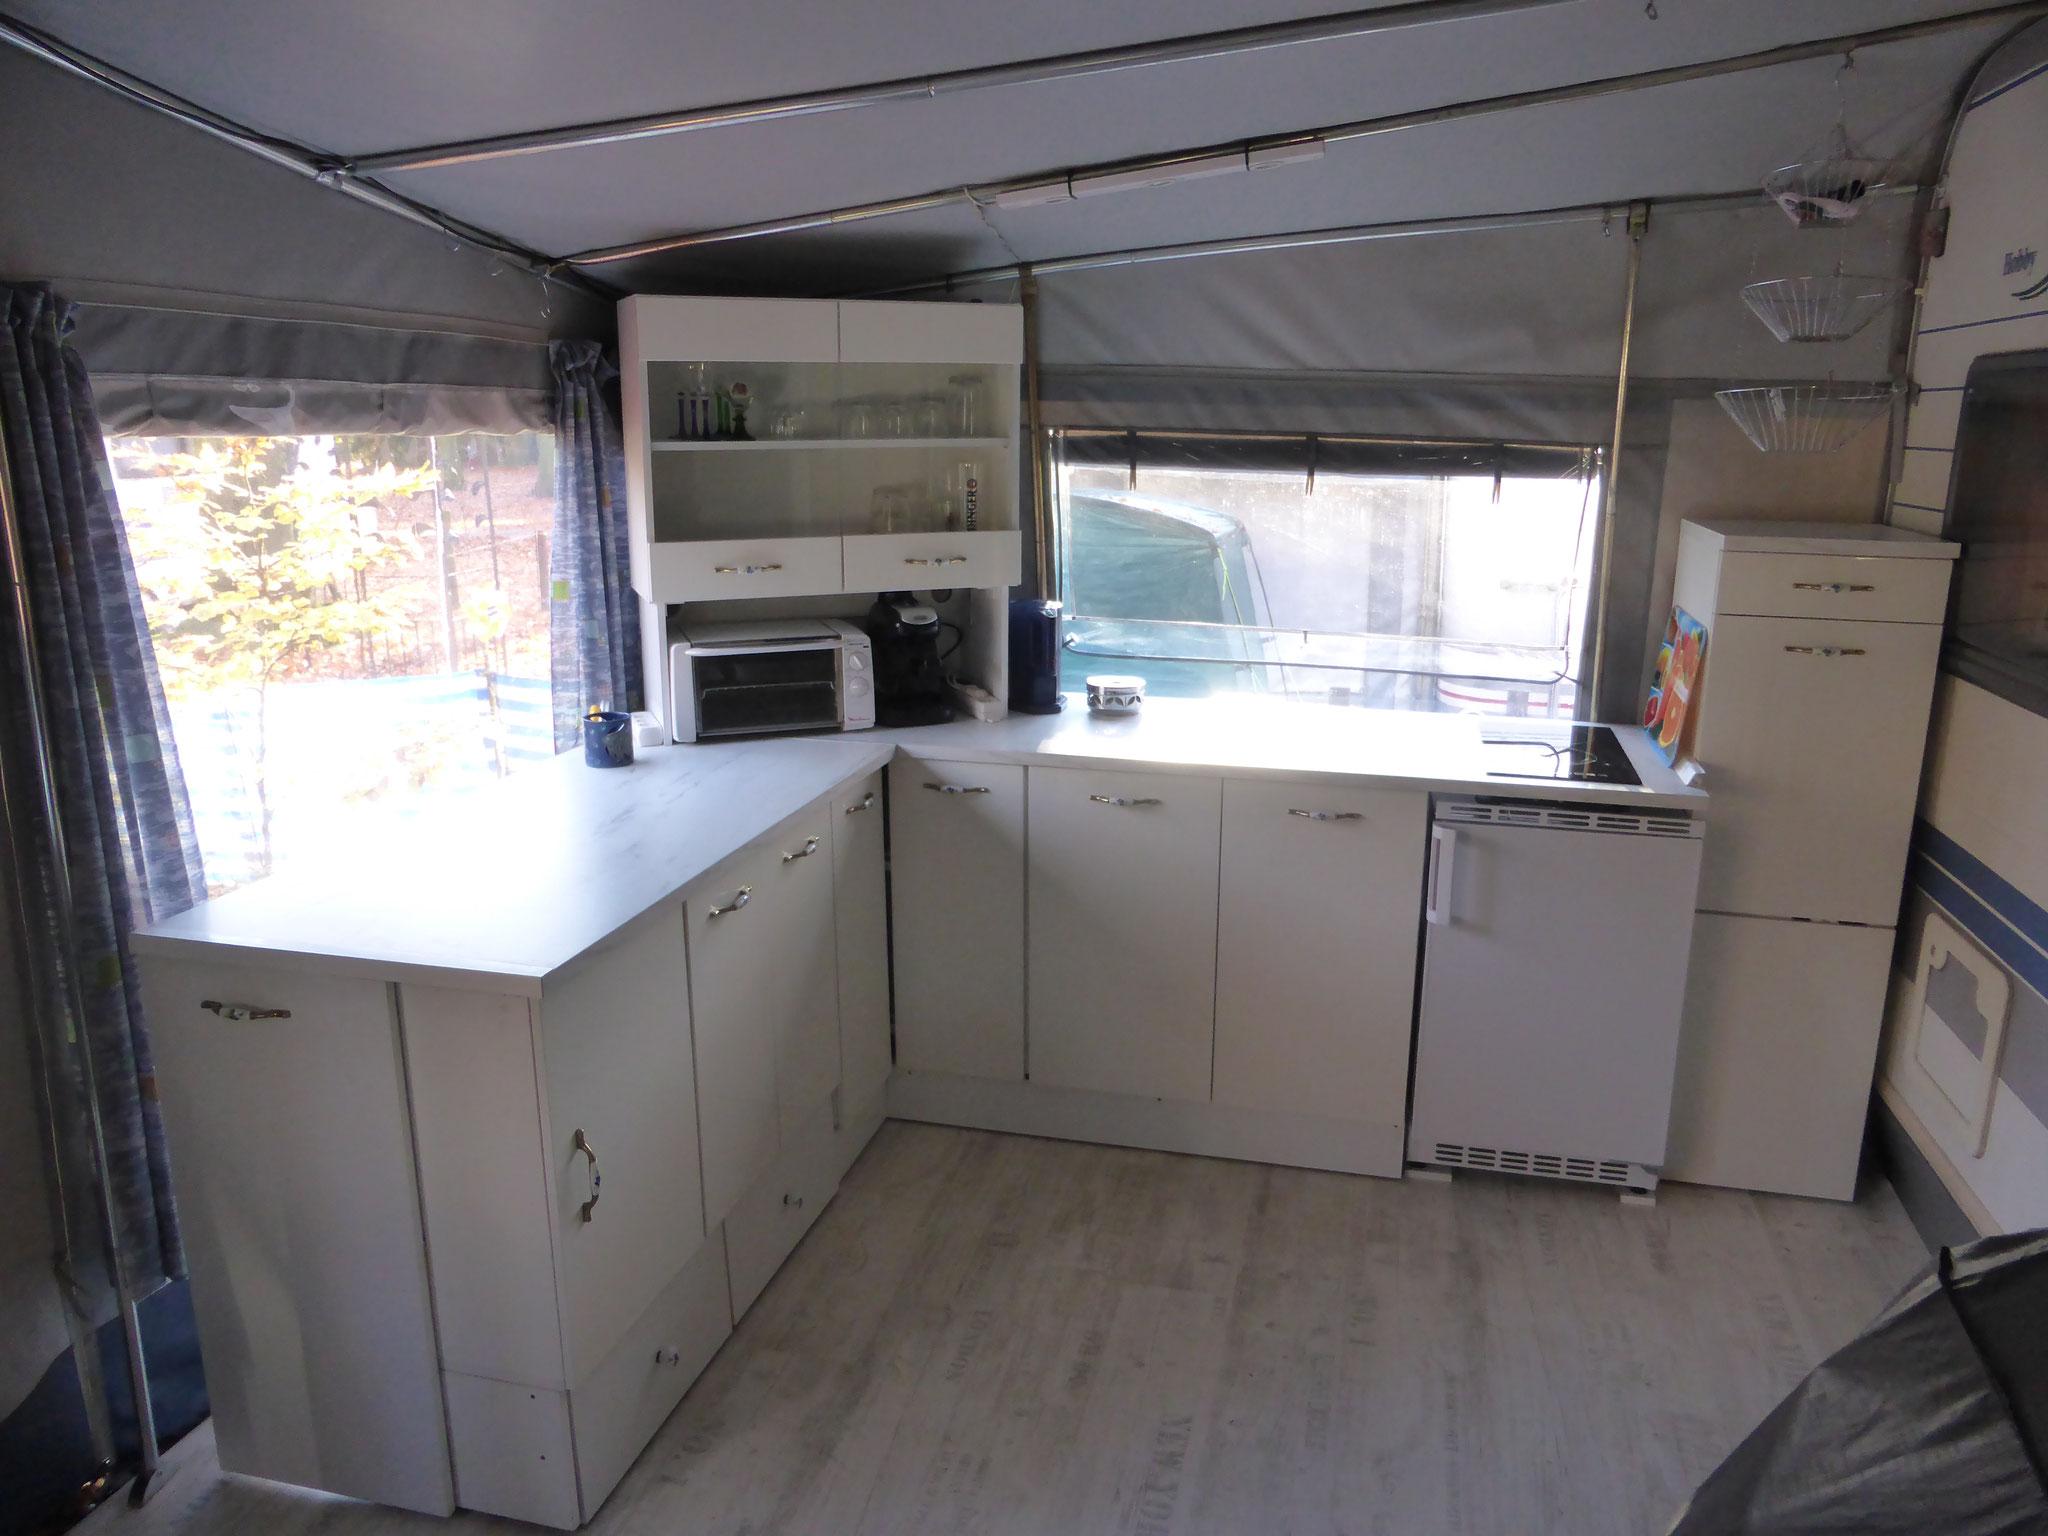 Vorzelt Küche | Vorzelt Camping Viva El Mar Webseite